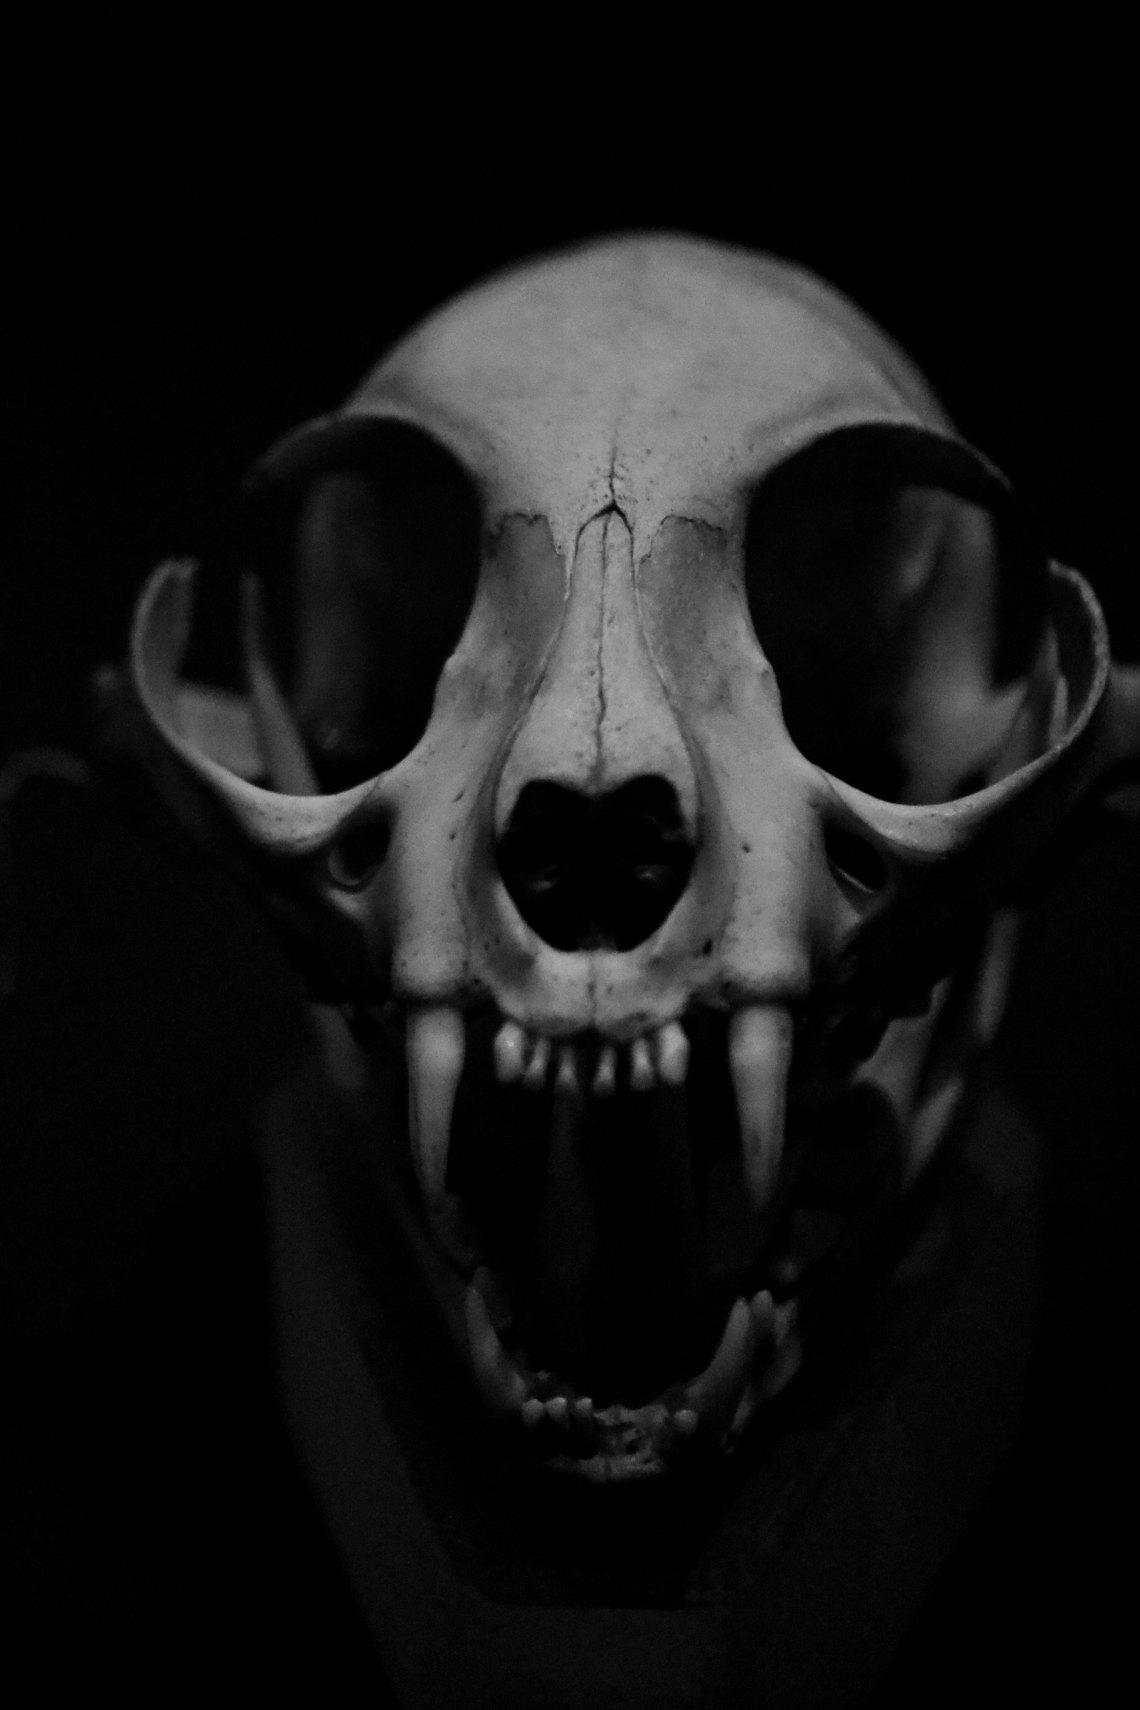 A scary skull